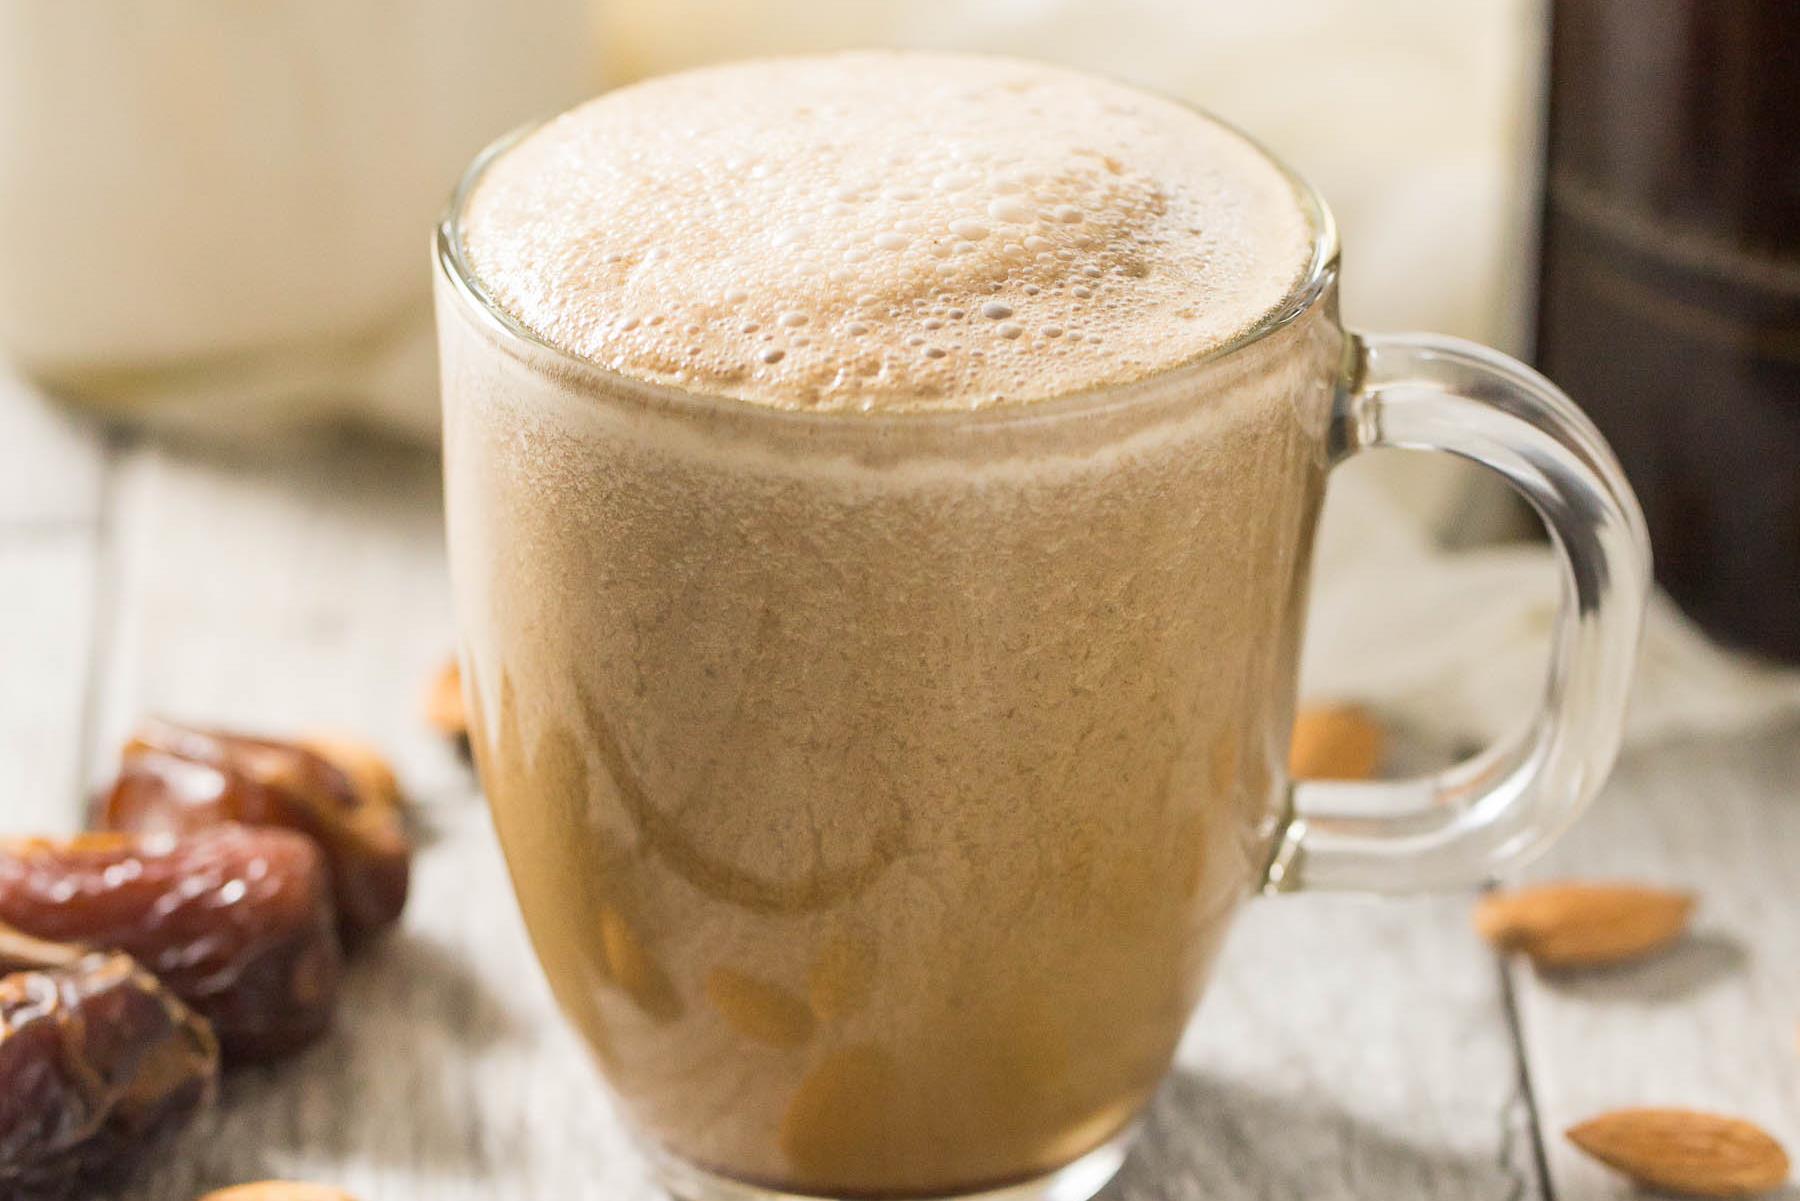 Randevú csésze kávét